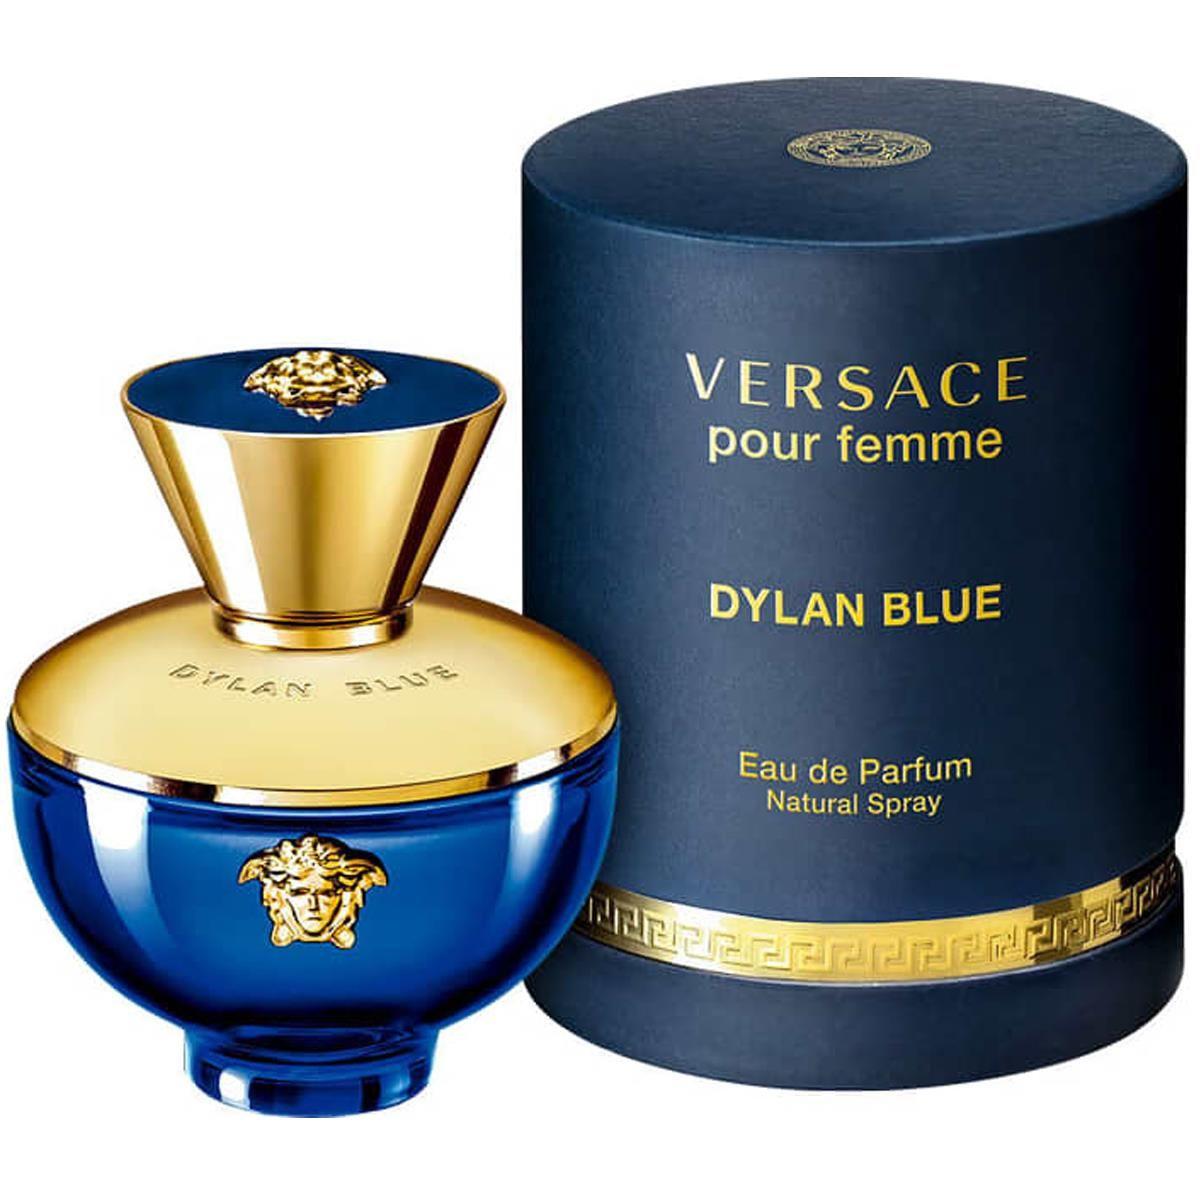 Dylan Blue Pour Femme Versace Eau de Parfum Perfume Feminino